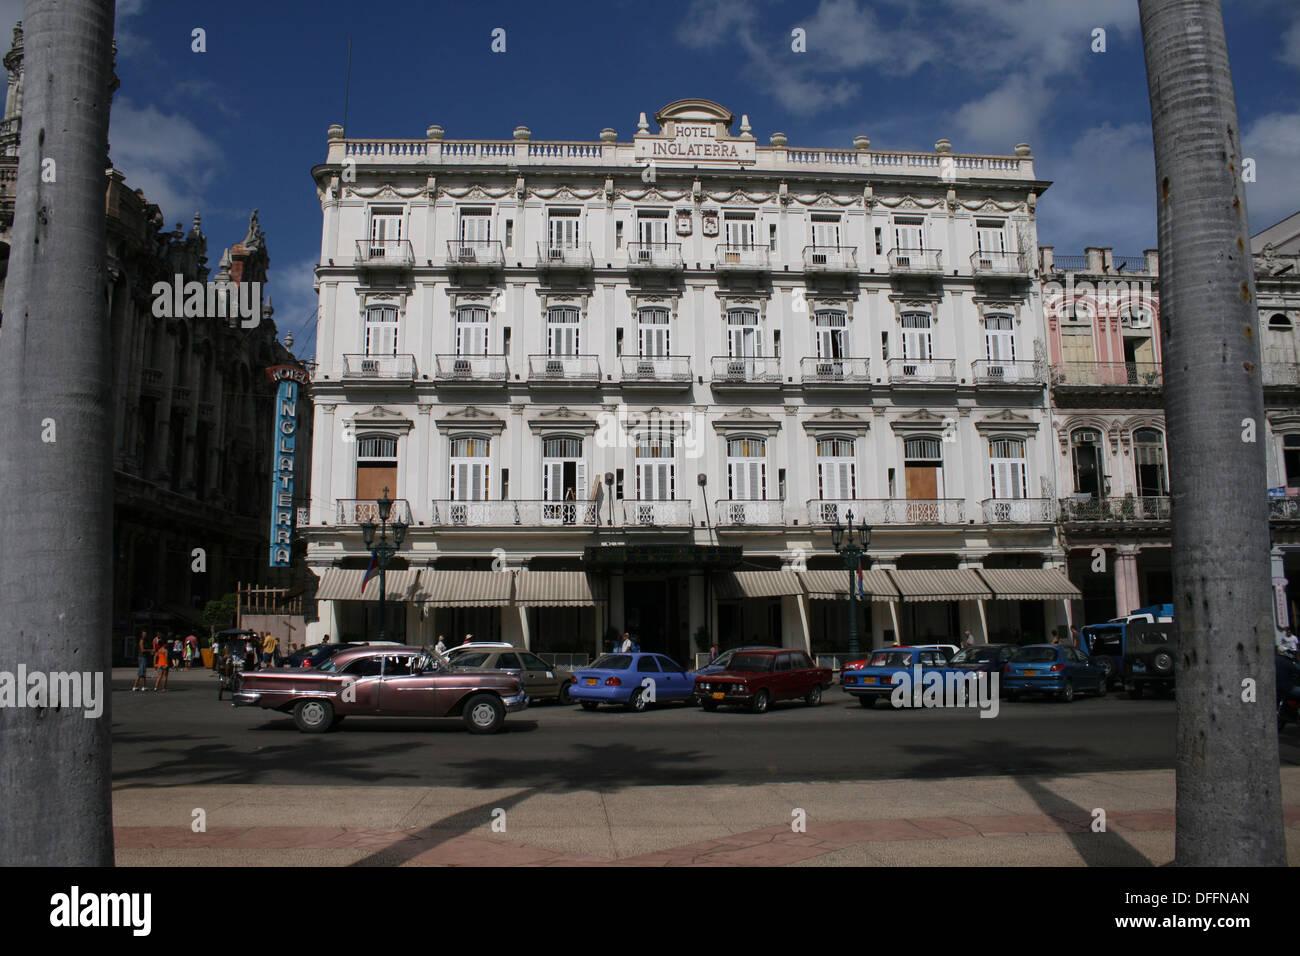 Hotel Inglaterra, Place de la Revolucion, Havana Cuba - Stock Image